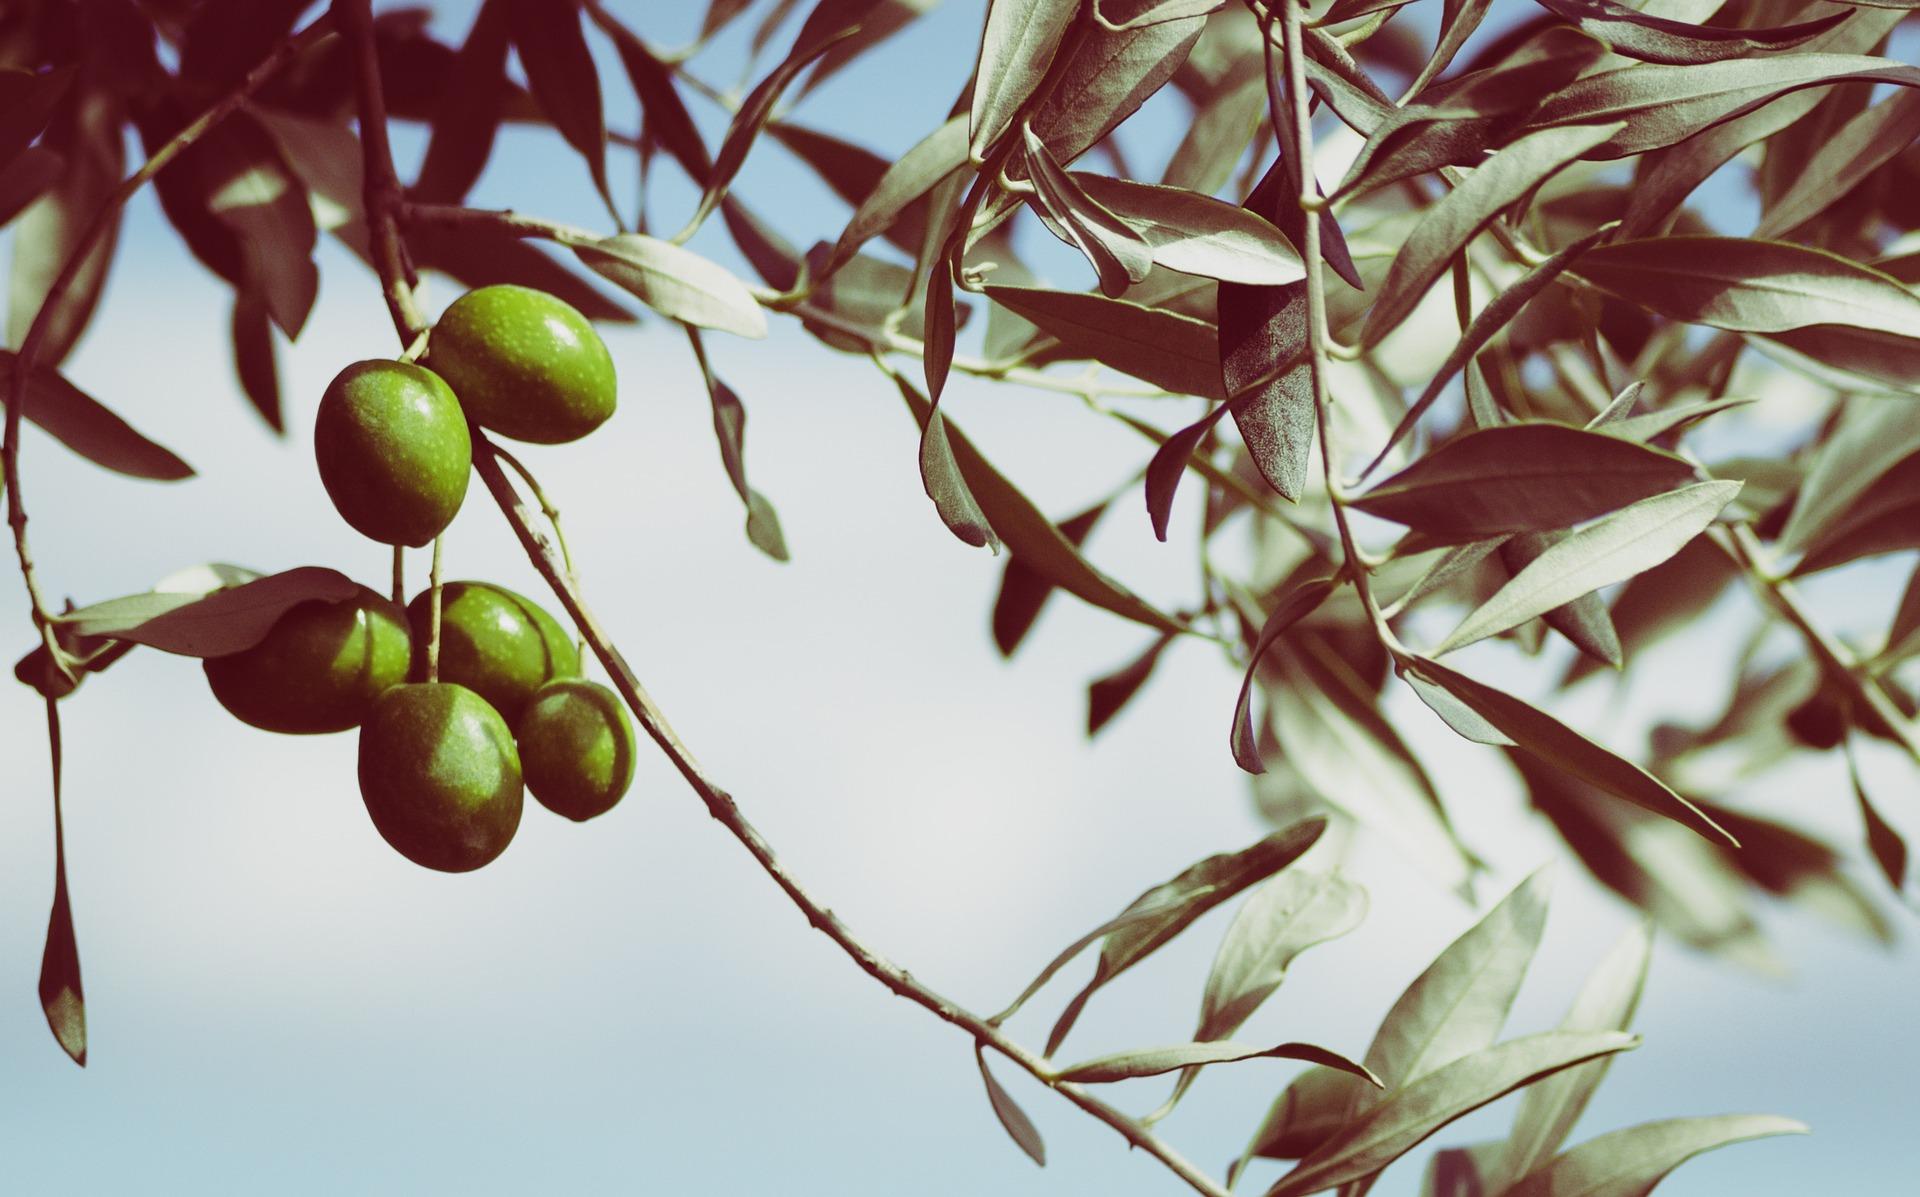 Sicilija – otok sonca in olivnega olja